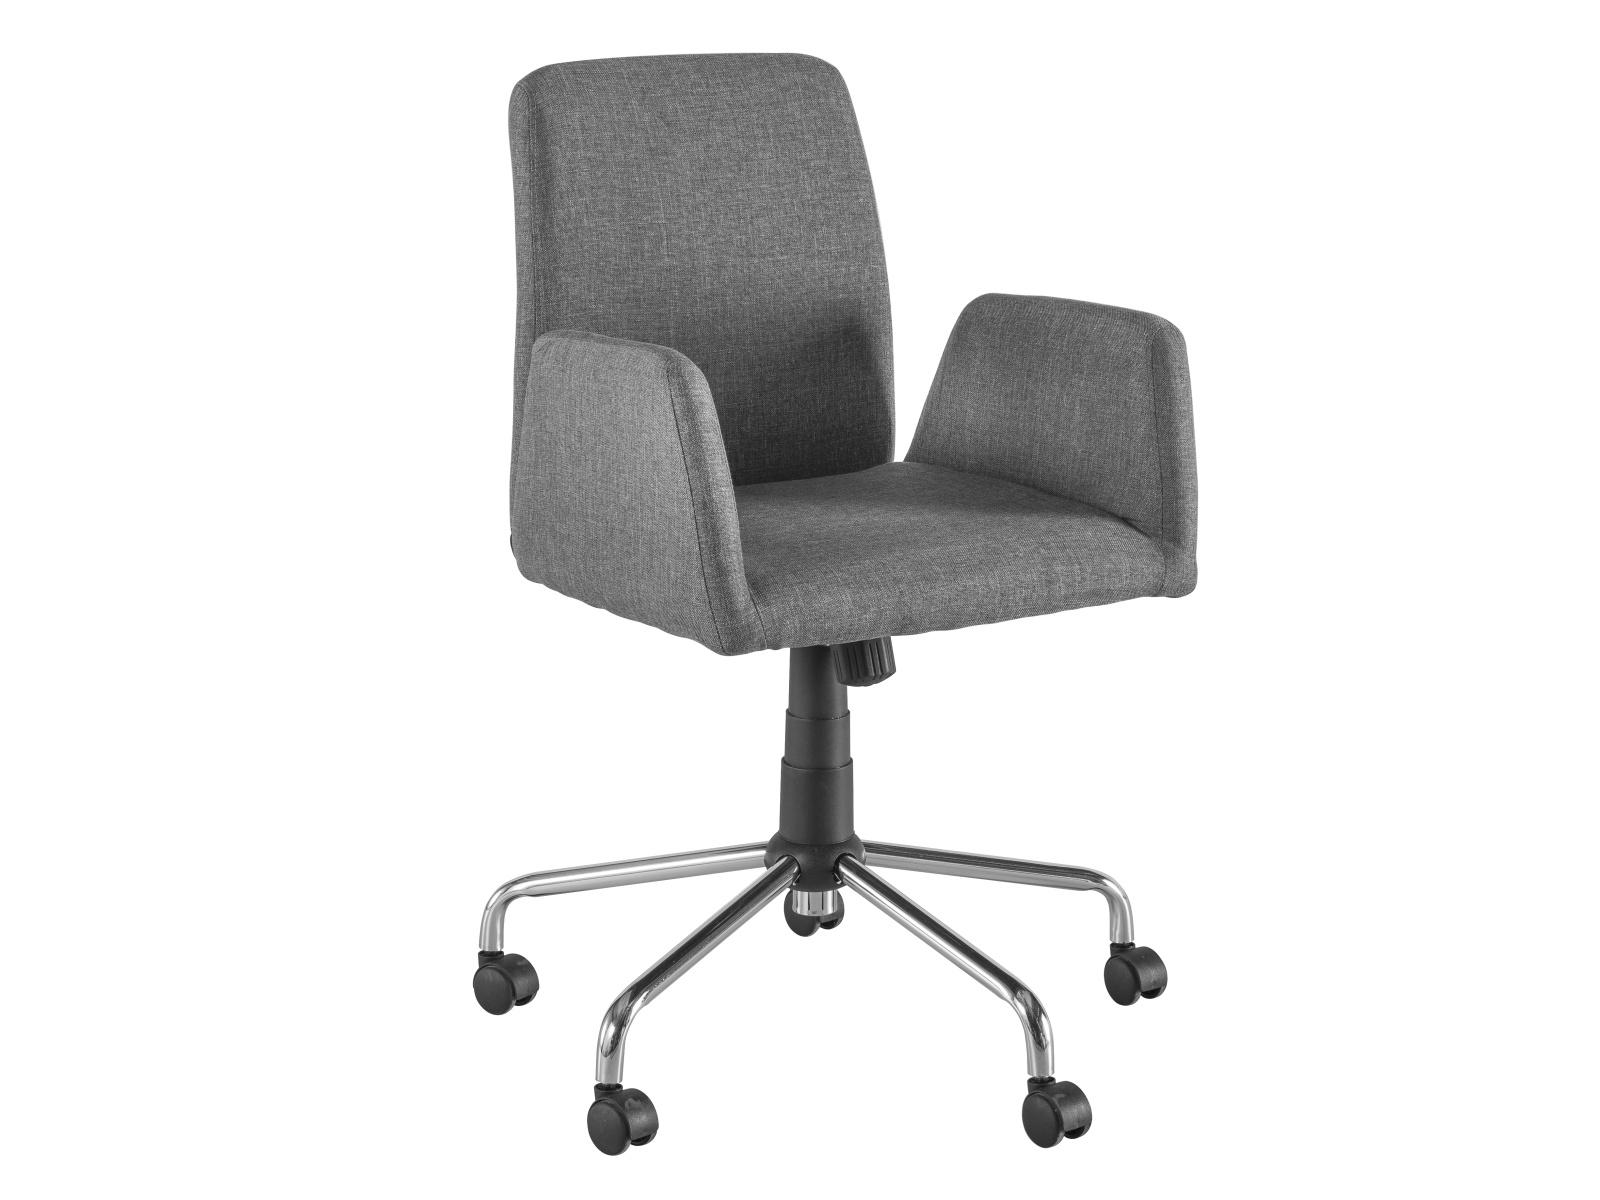 SQUARE kancelářská židle, šedá kancelářská židle, šedá